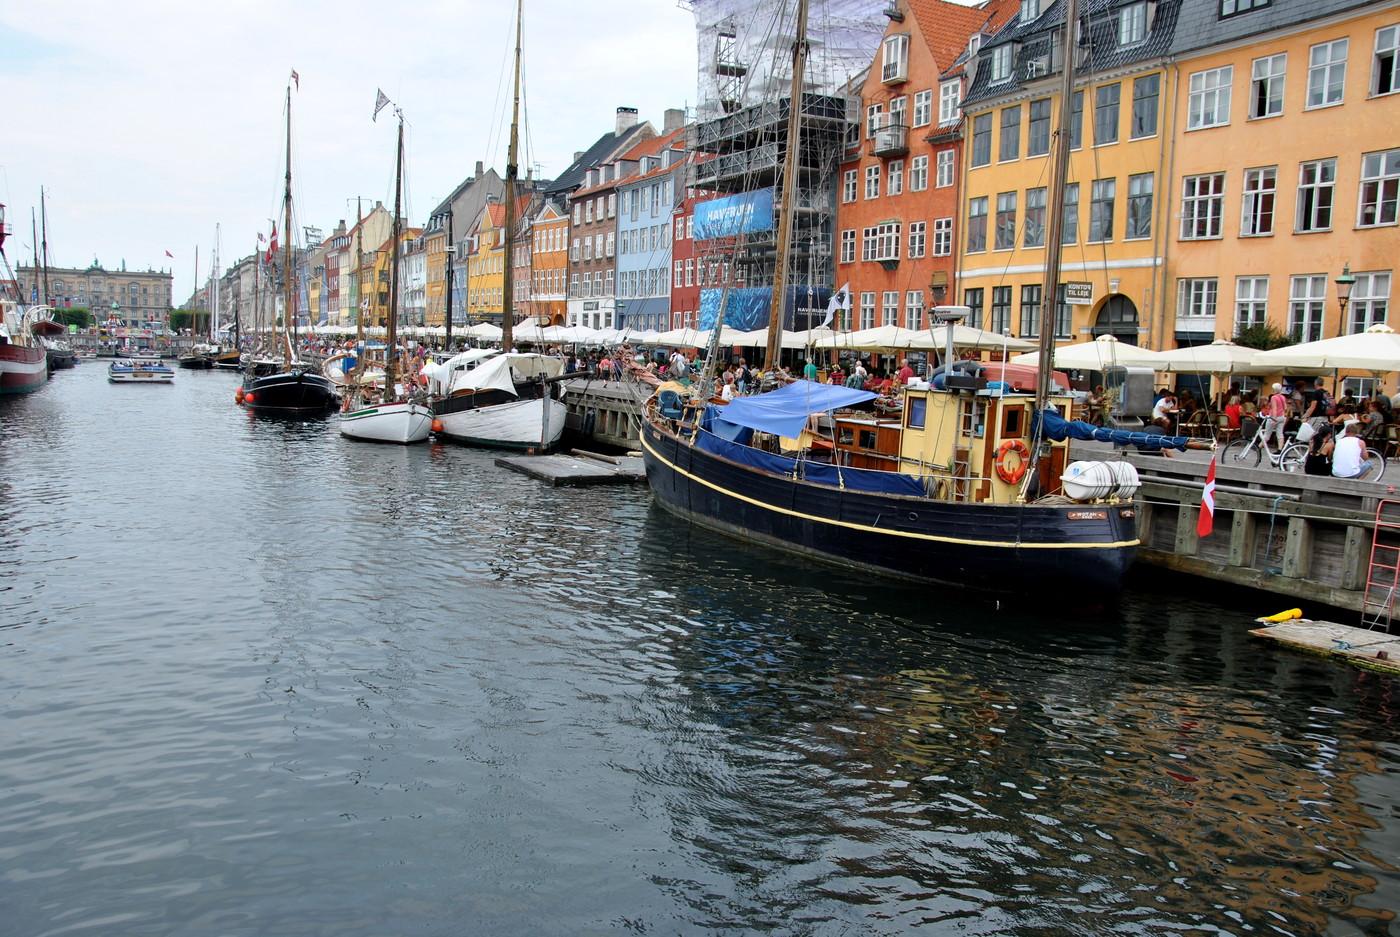 Kööpenhamina,toinen päivä